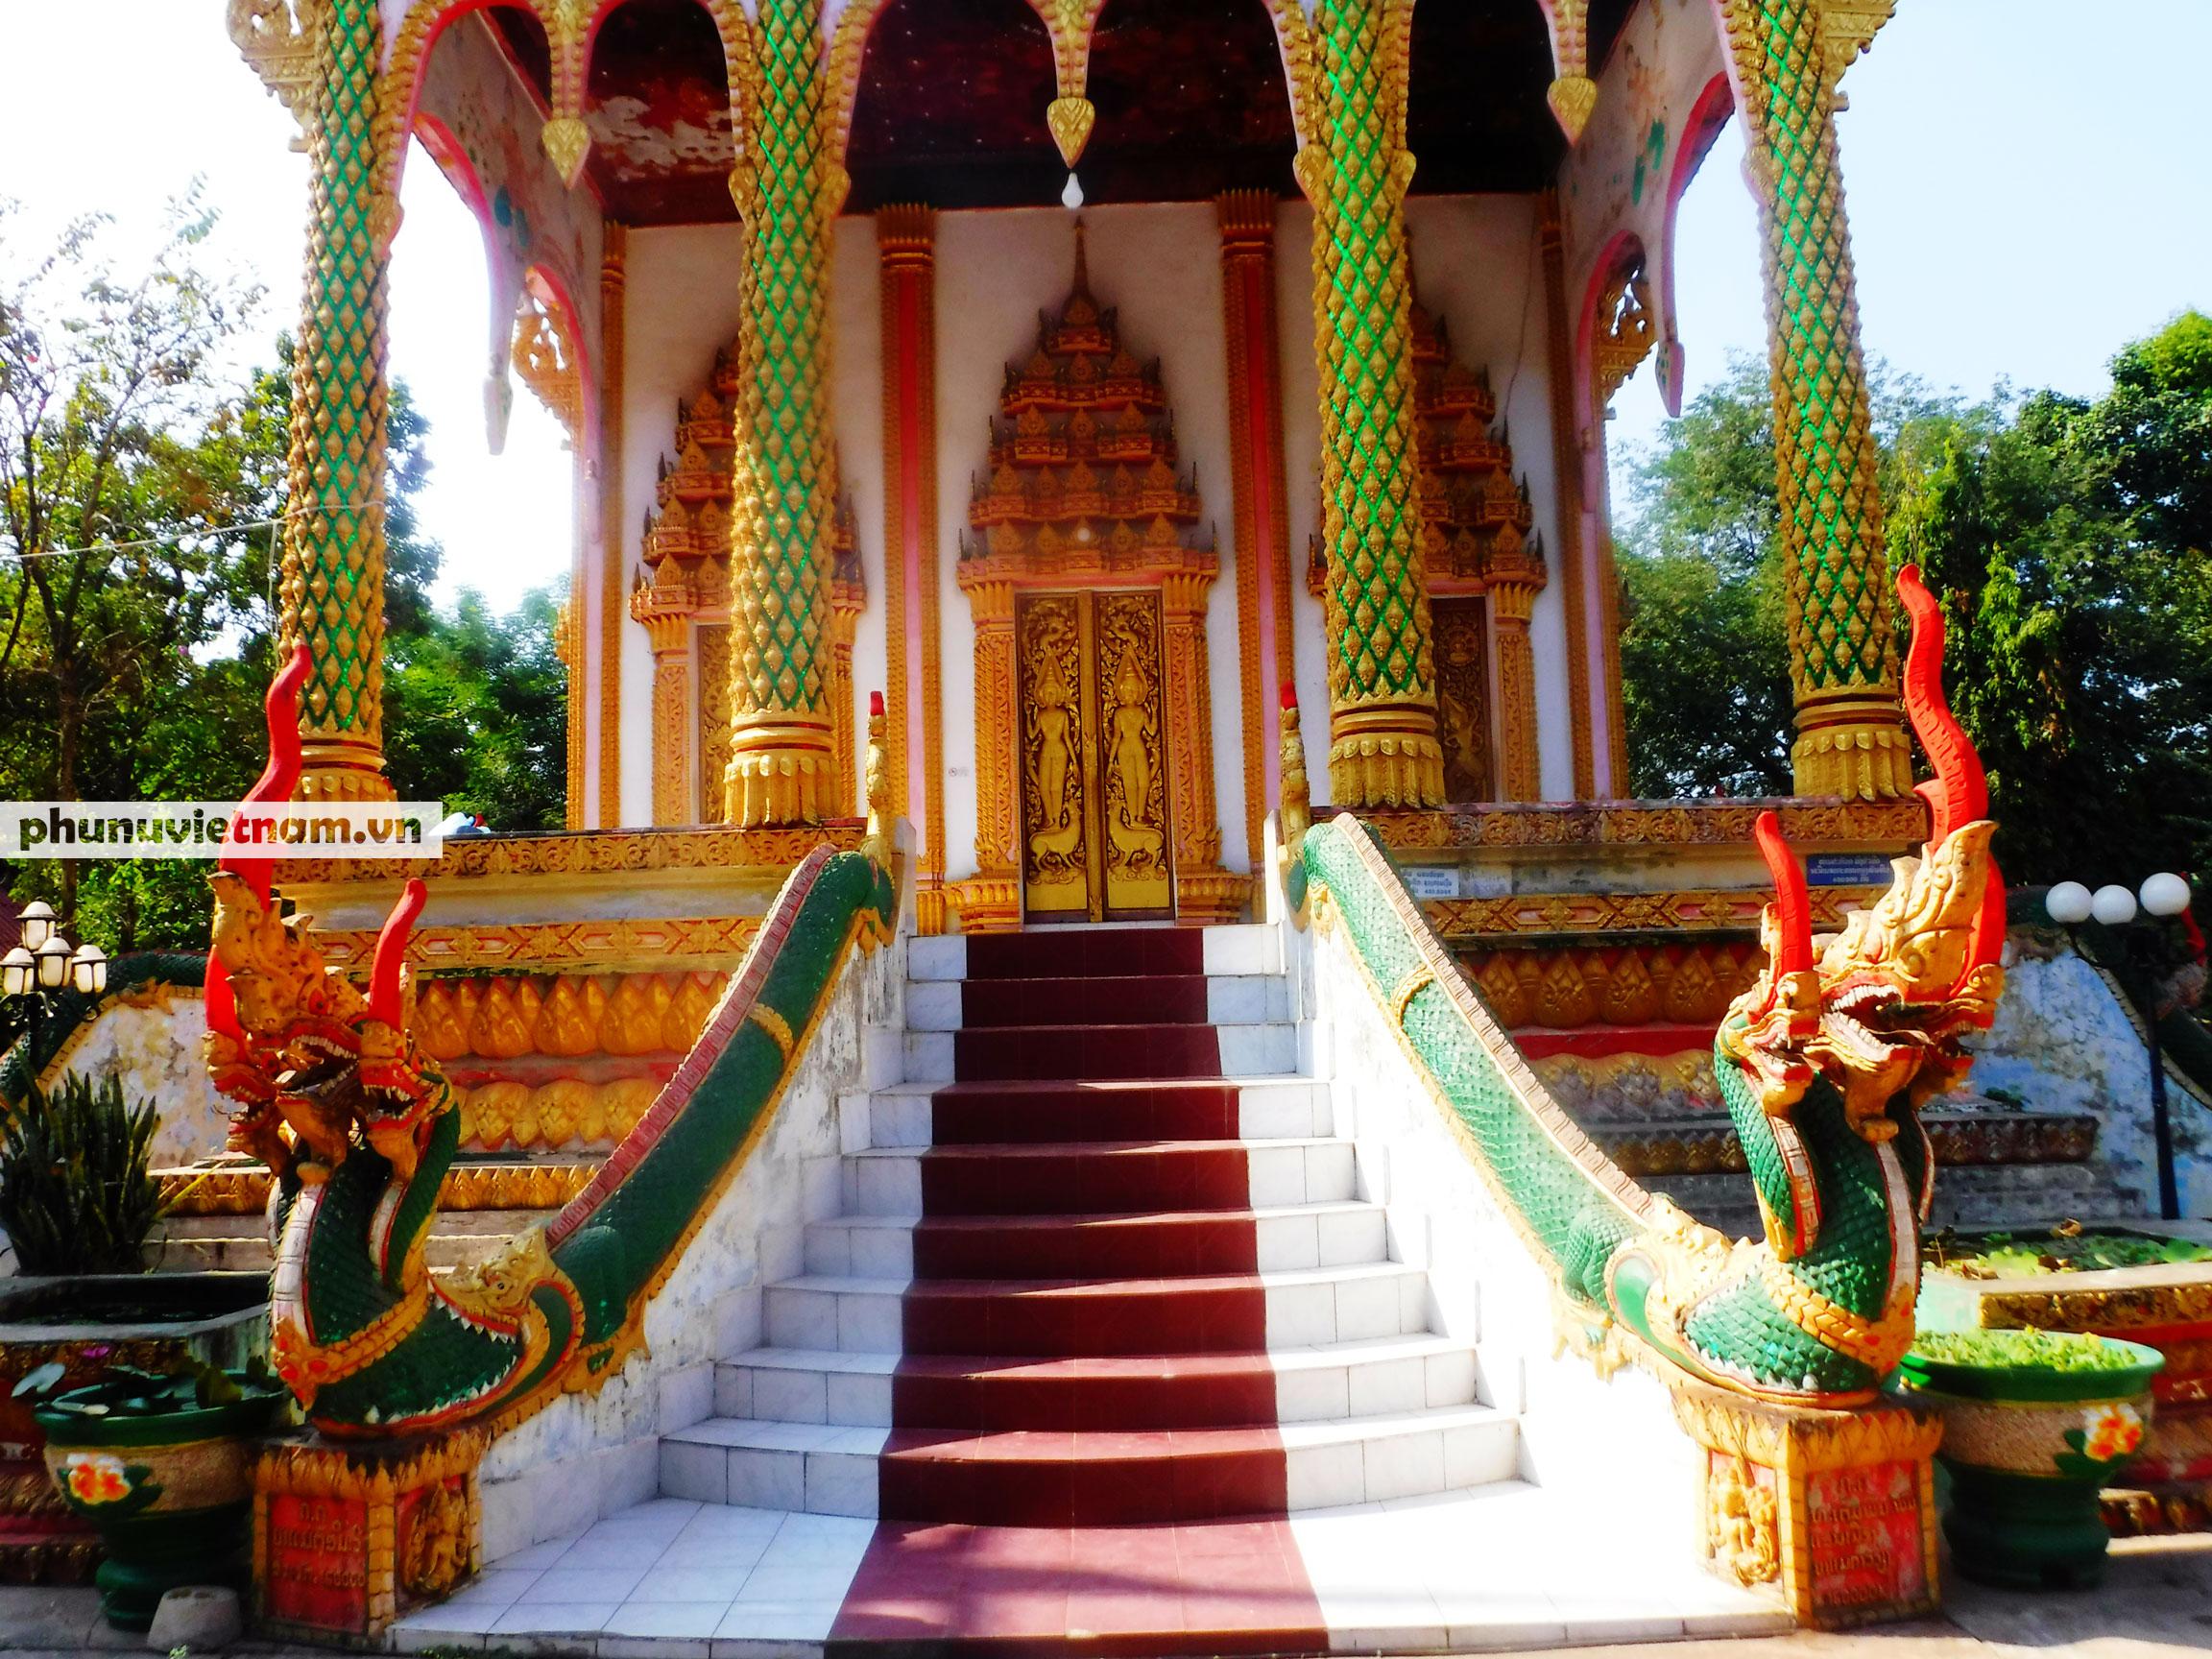 Độc đáo những bức tượng rắn trong các ngôi chùa ở Thủ đô Viêng Chăn - Ảnh 6.